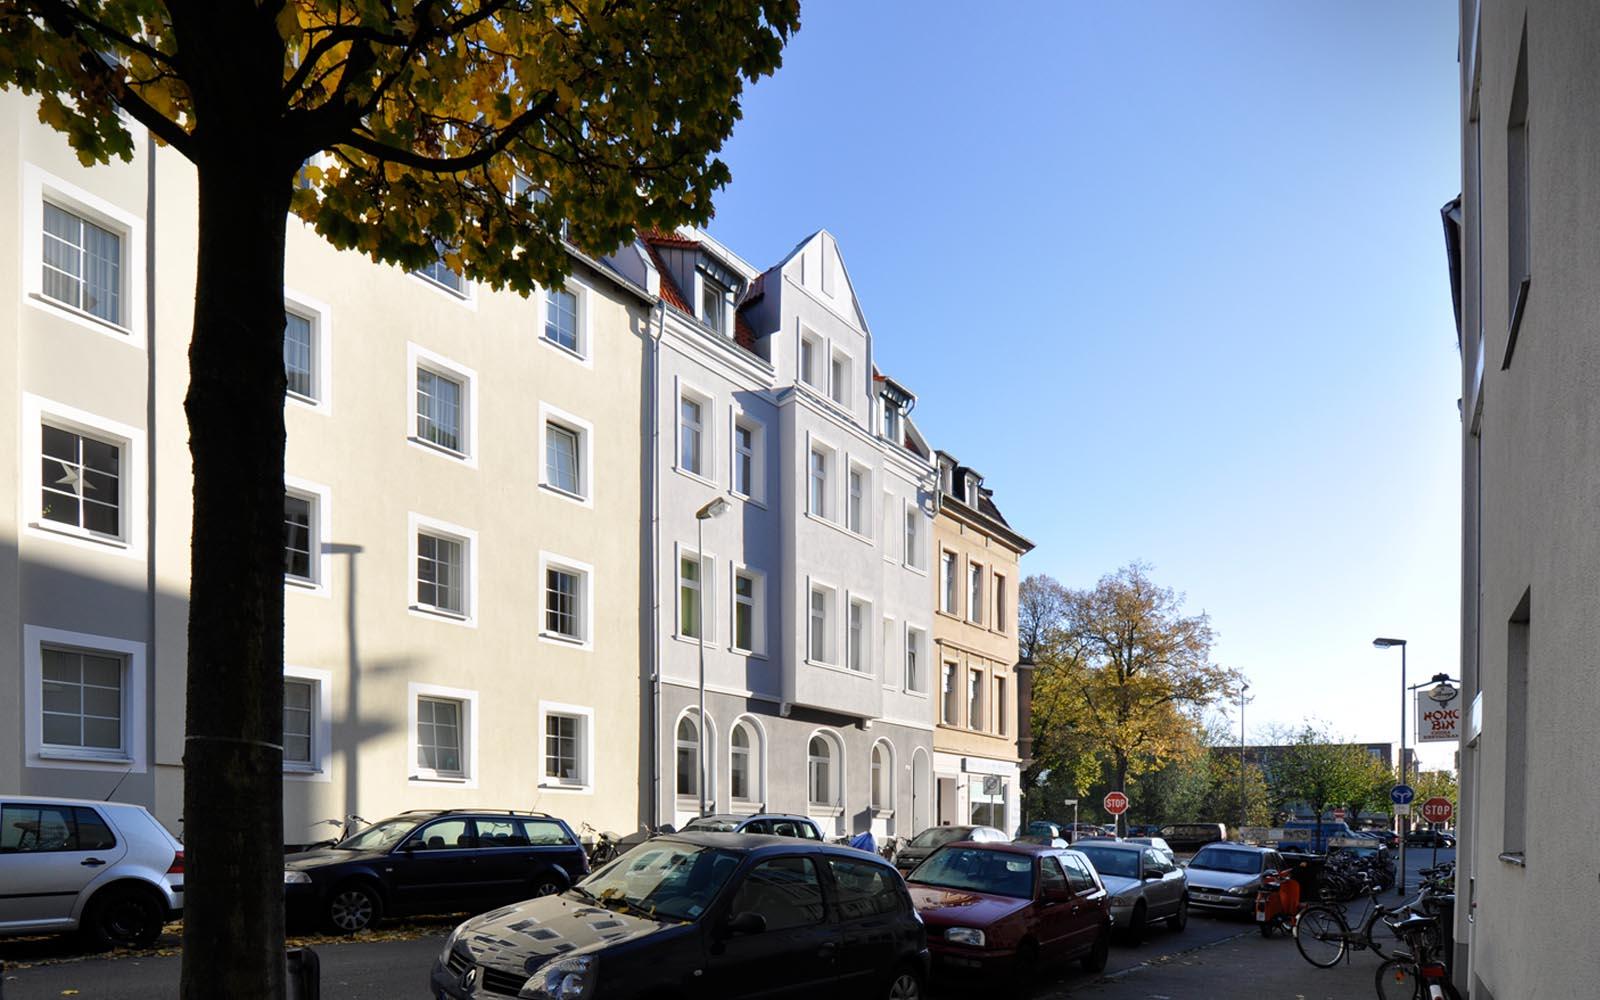 KUK_SteinwegClausArchitekten_Mehrfamilienhaus_Wärmeschutz_Sanierung_Muenster_00004